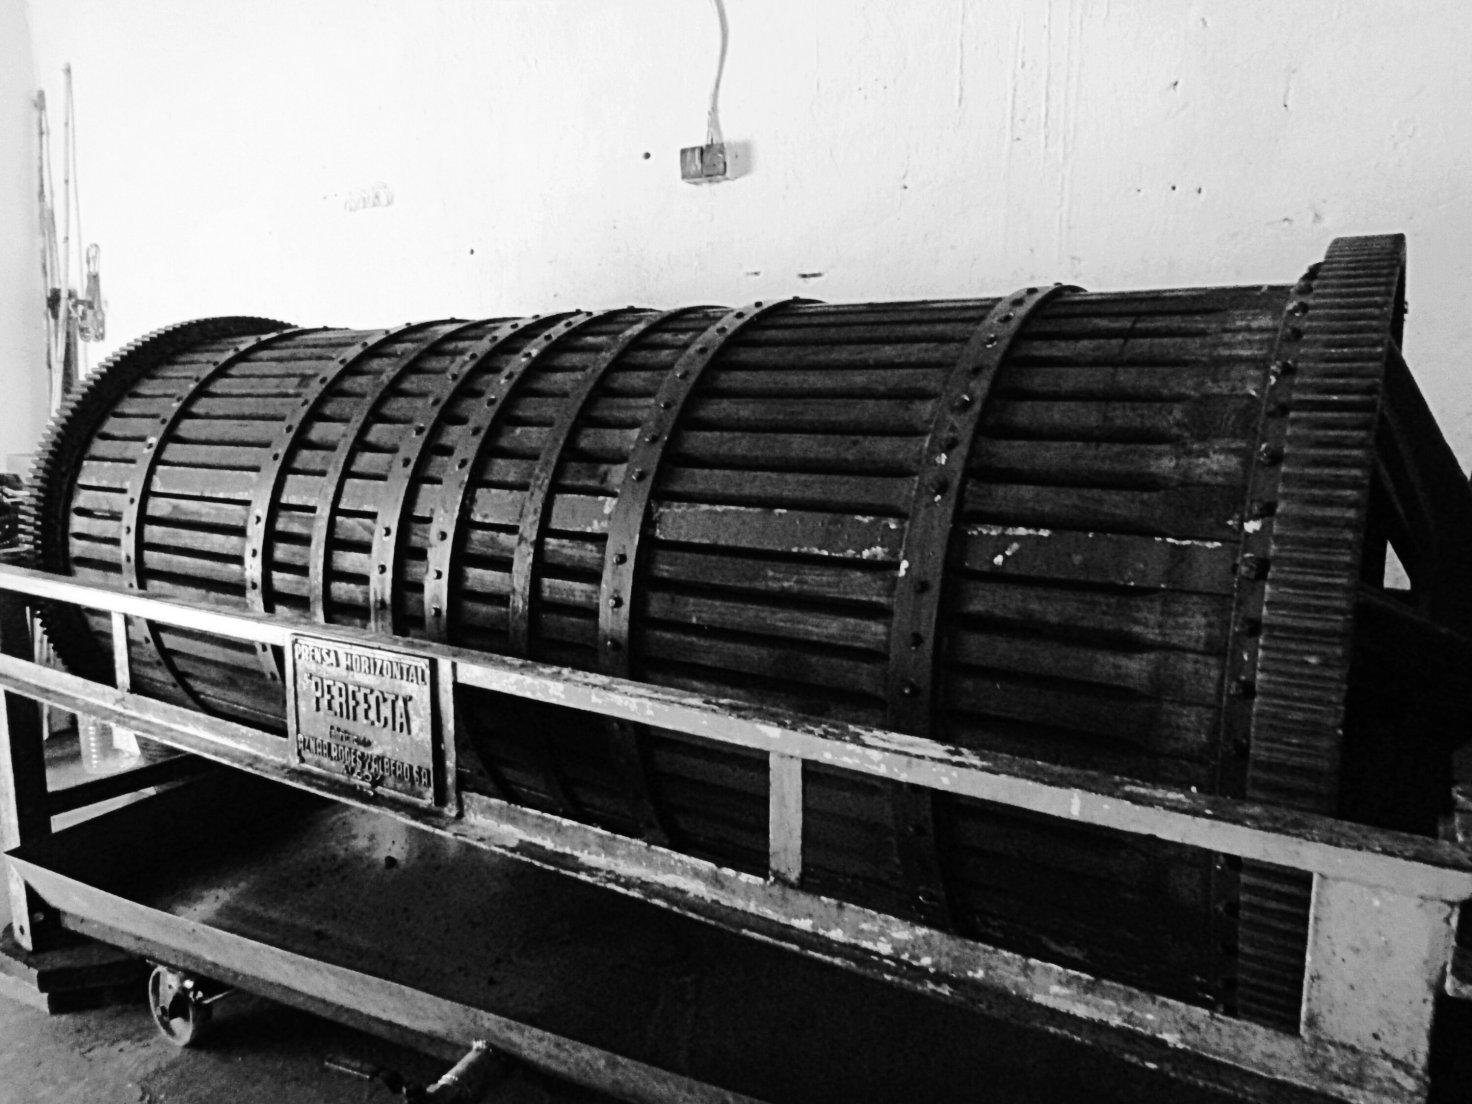 artesanos handcrafted prensa